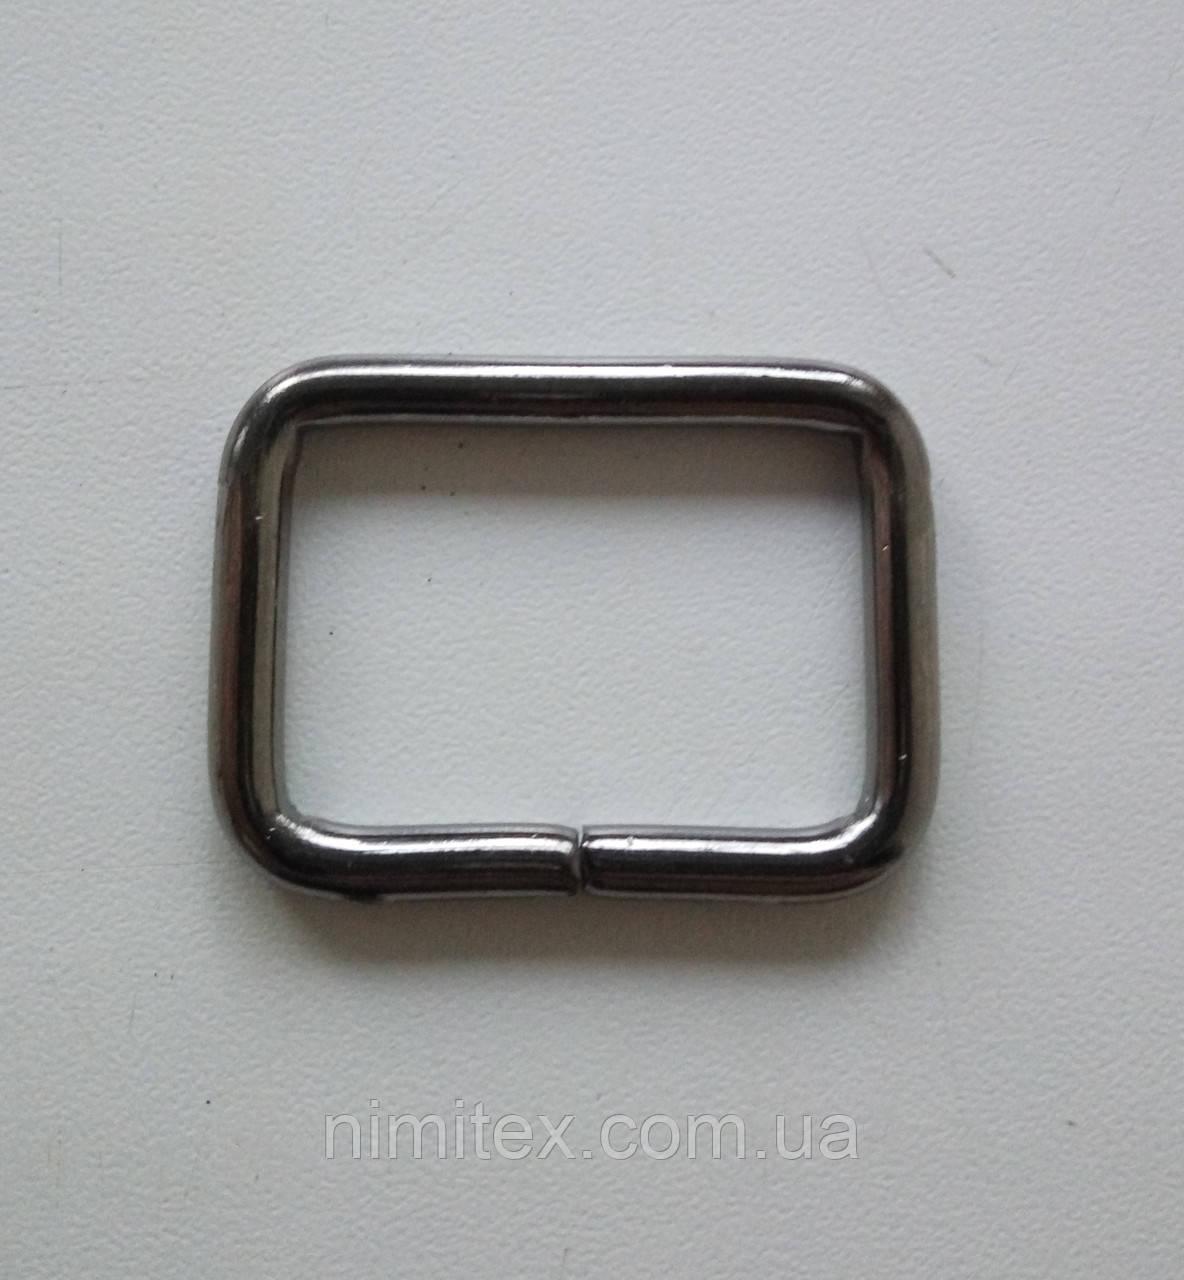 Рамка литая 30 мм черный никель